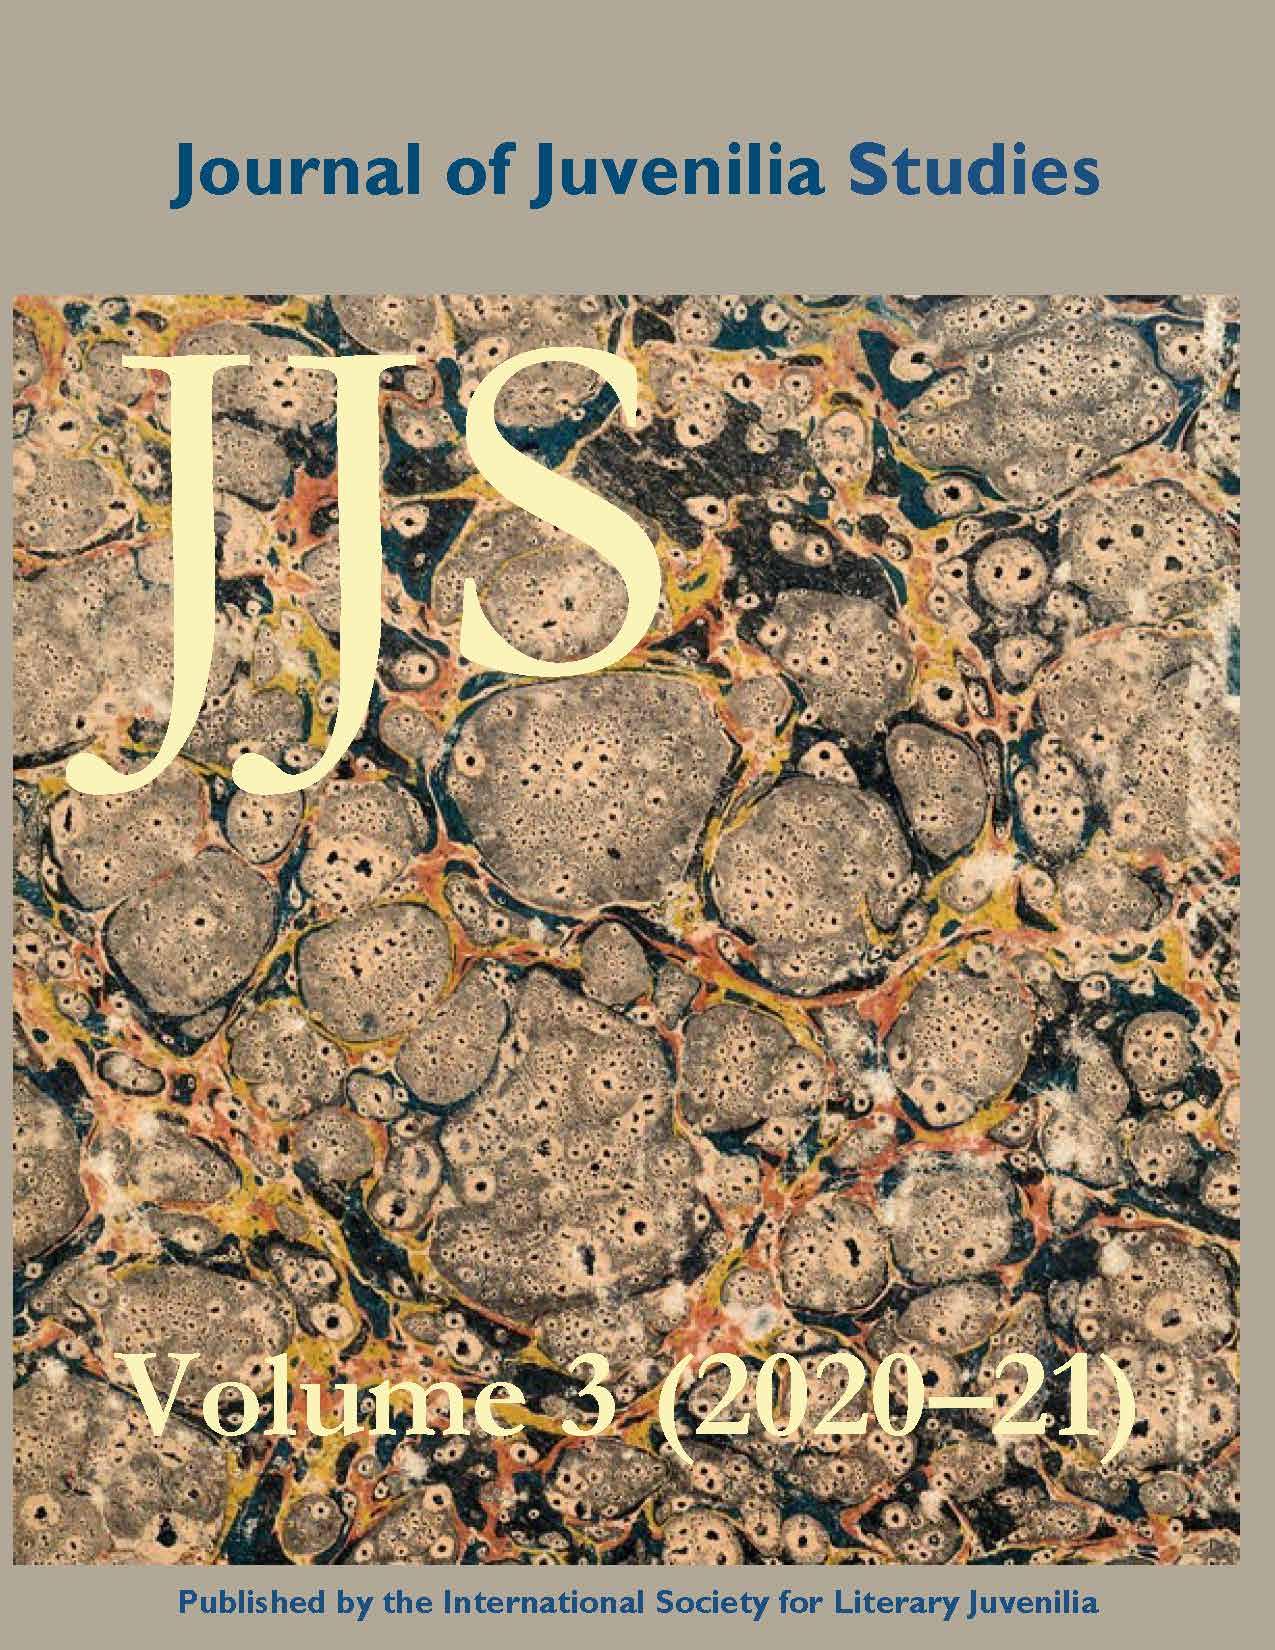 Vol.3, no.2 of JJS